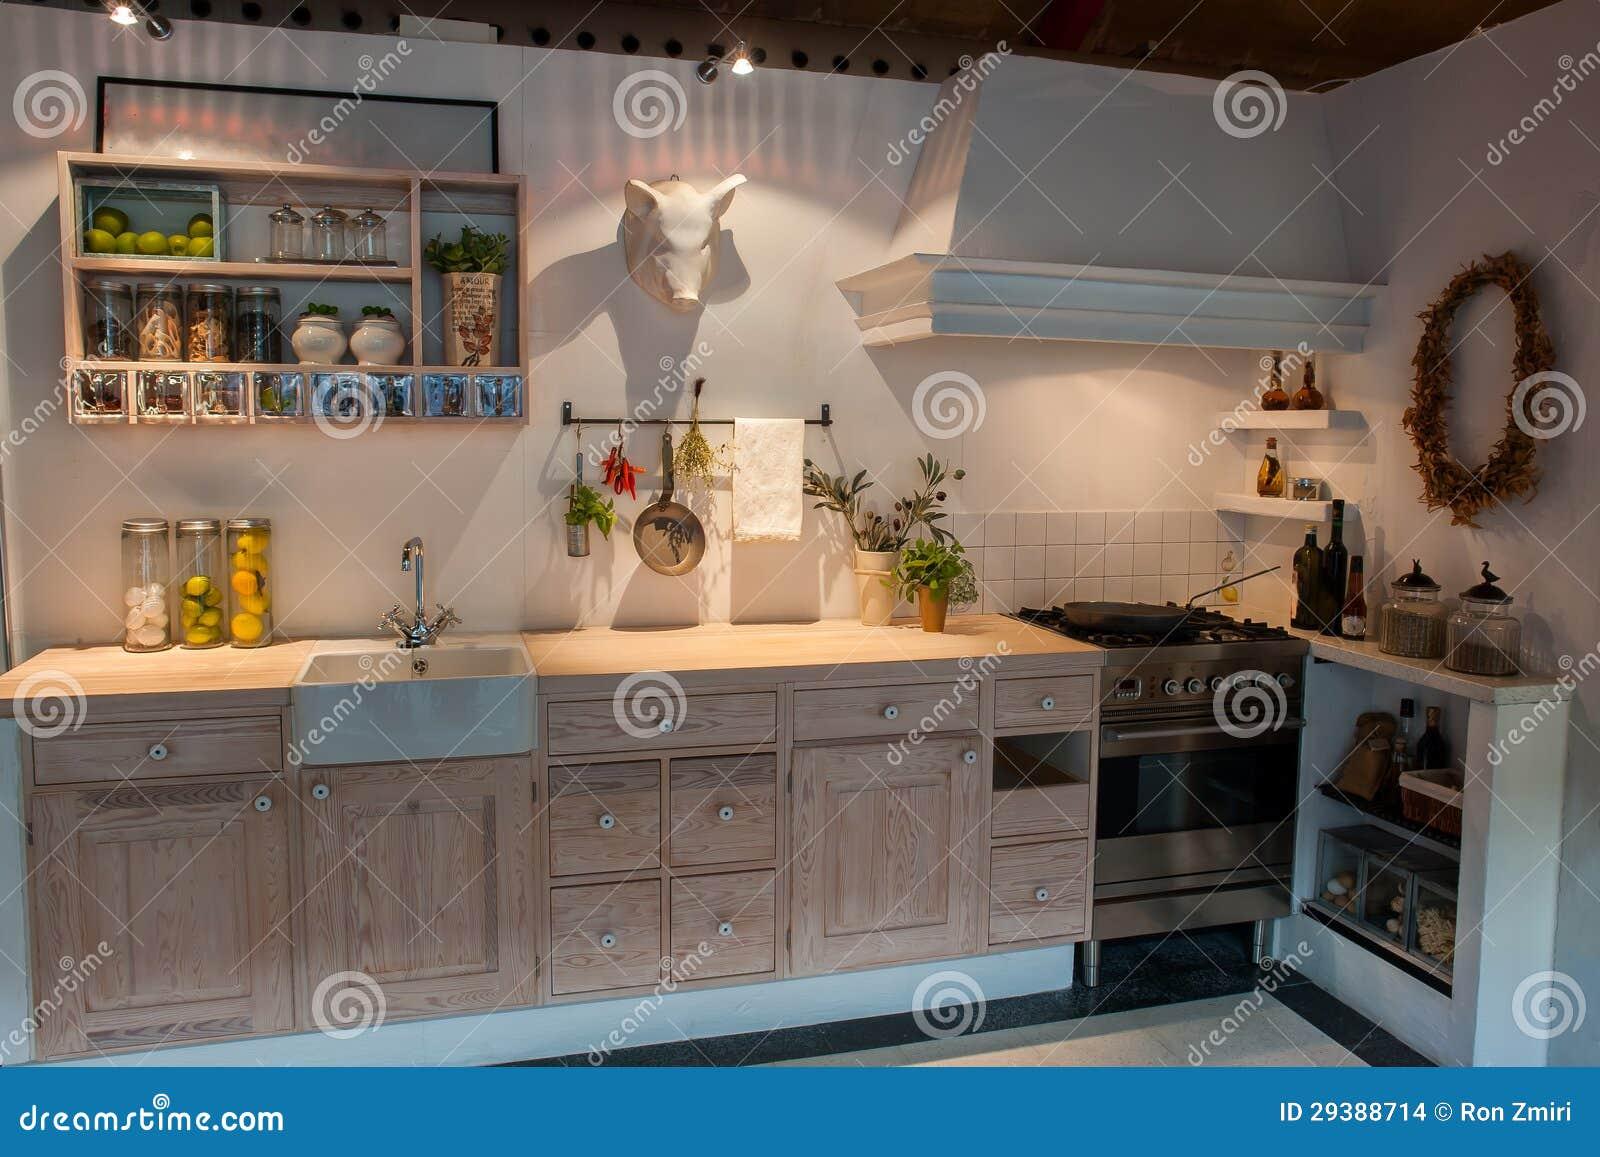 Ungewöhnlich Blau Landküche Bilder Zeitgenössisch - Küche Set Ideen ...